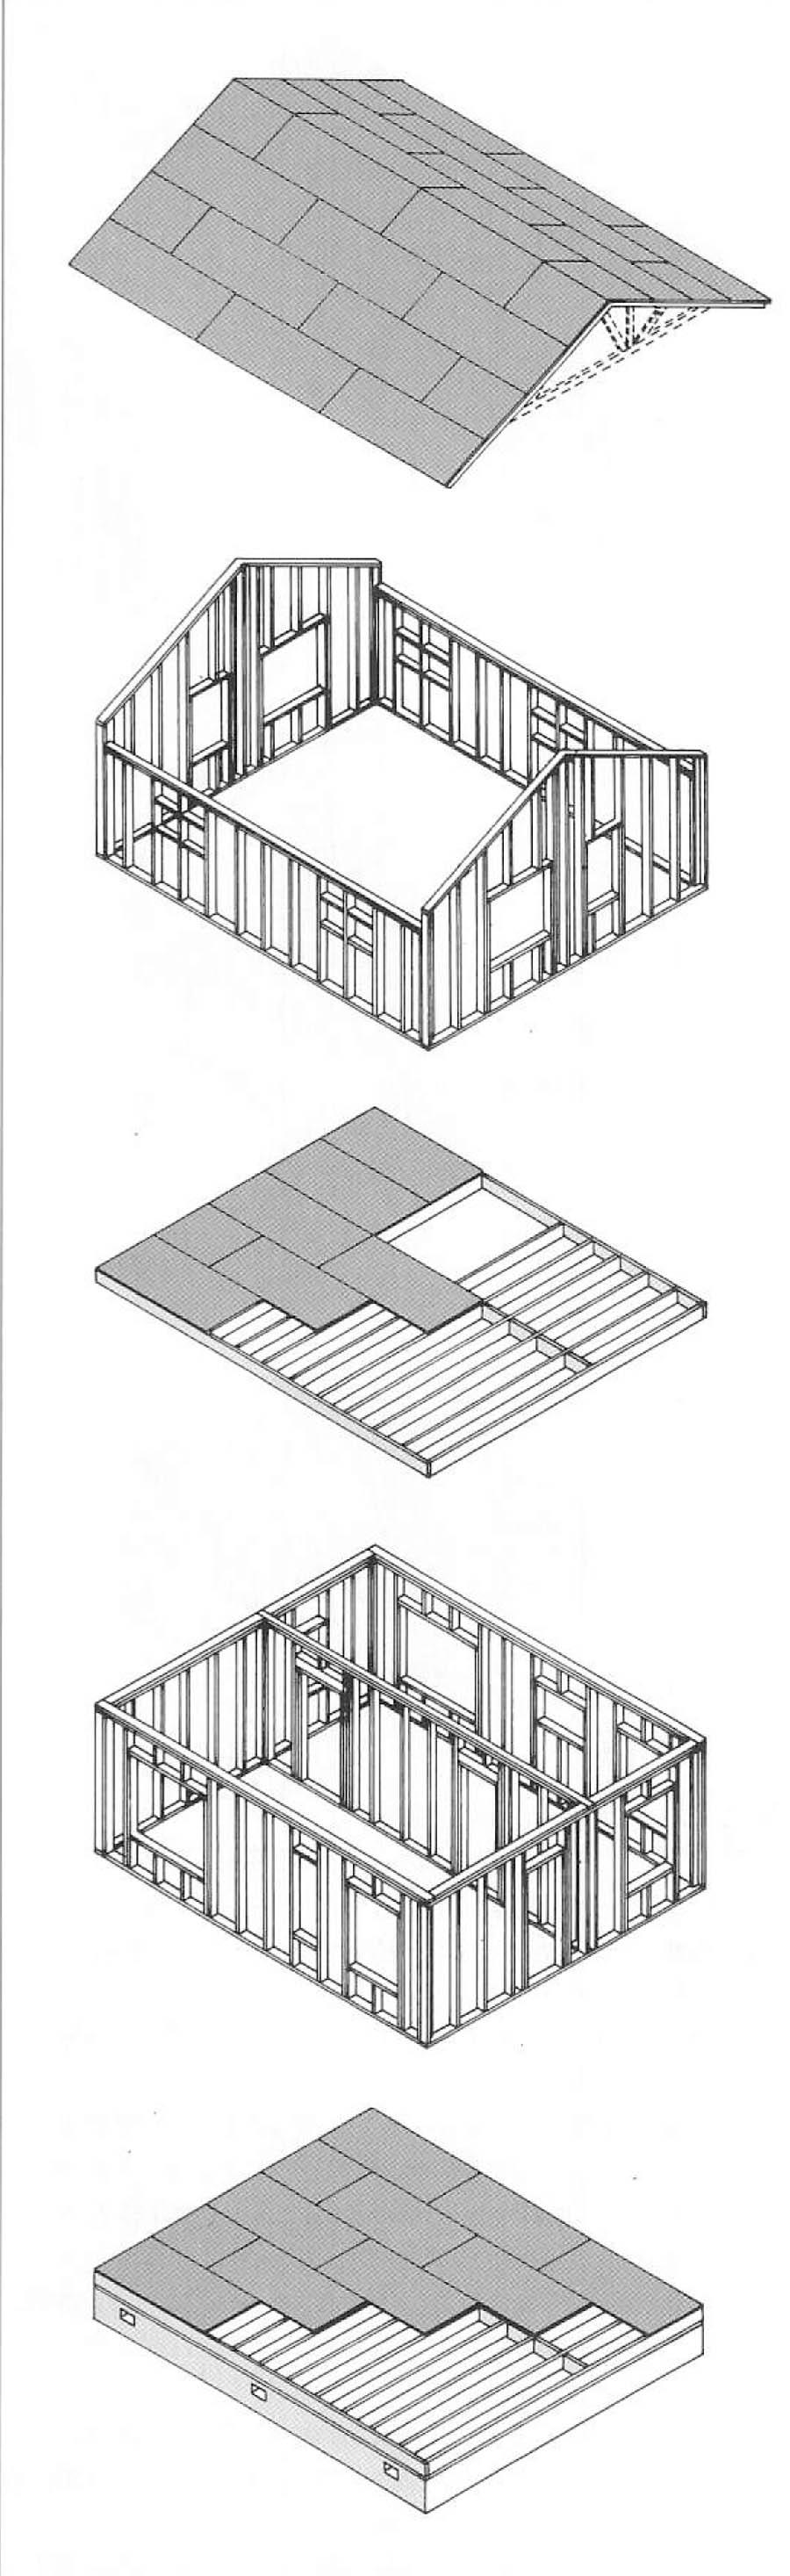 Применение системы «Платформа» в каркасном строительстве